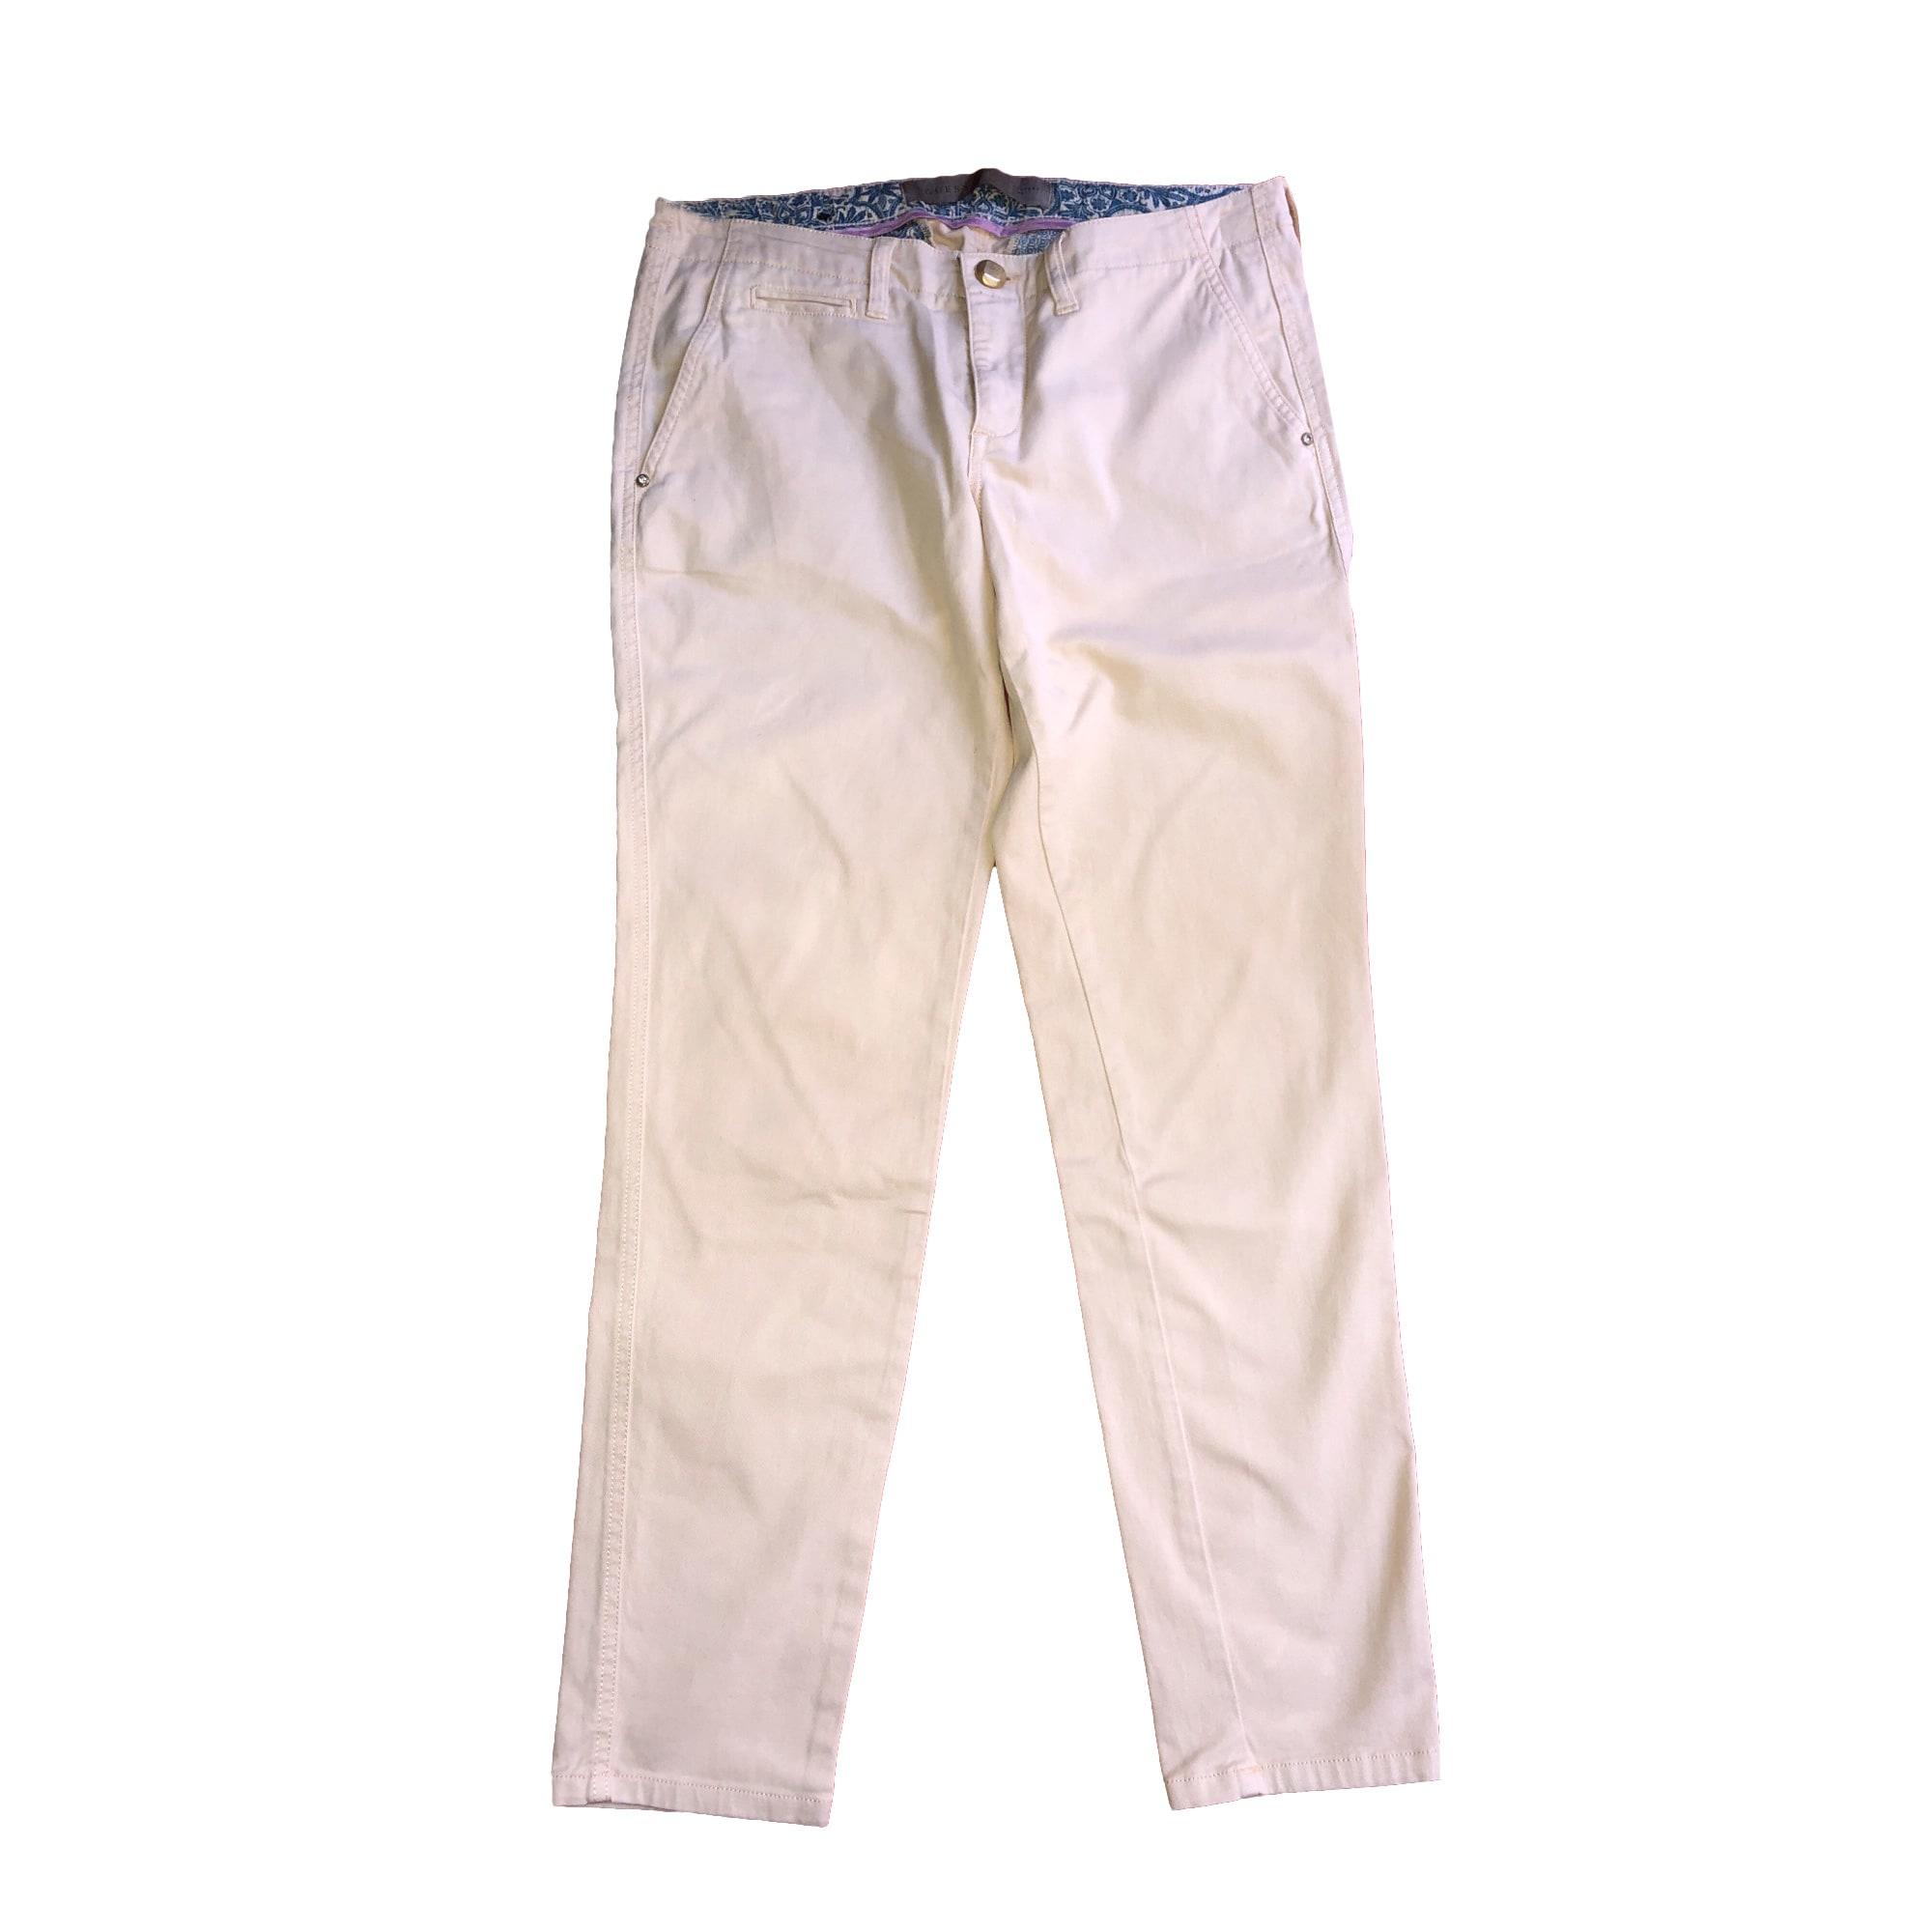 Jeans droit GUESS Beige, camel